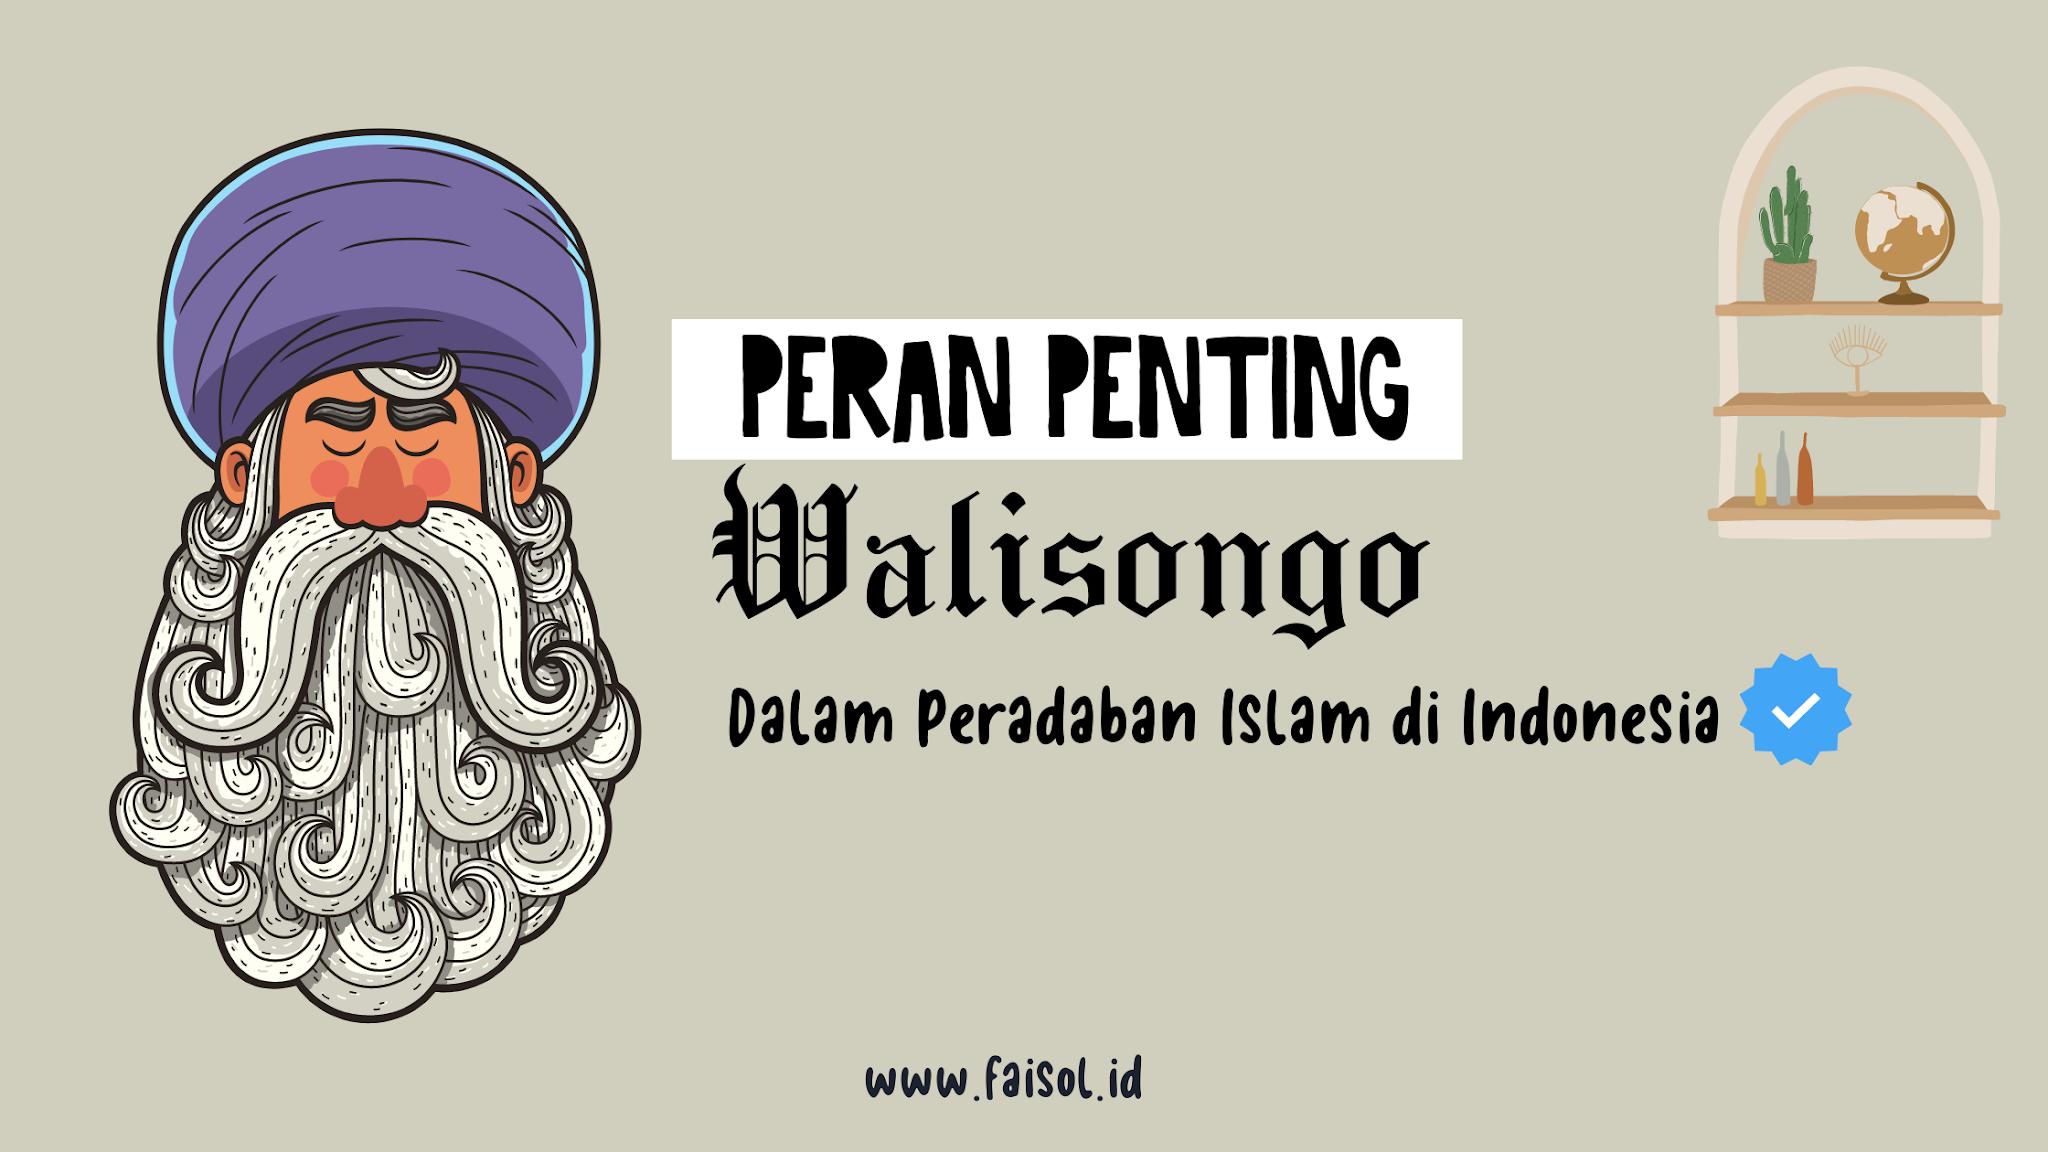 Peran Penting Walisongo dalam Peradaban Islam di Indonesia